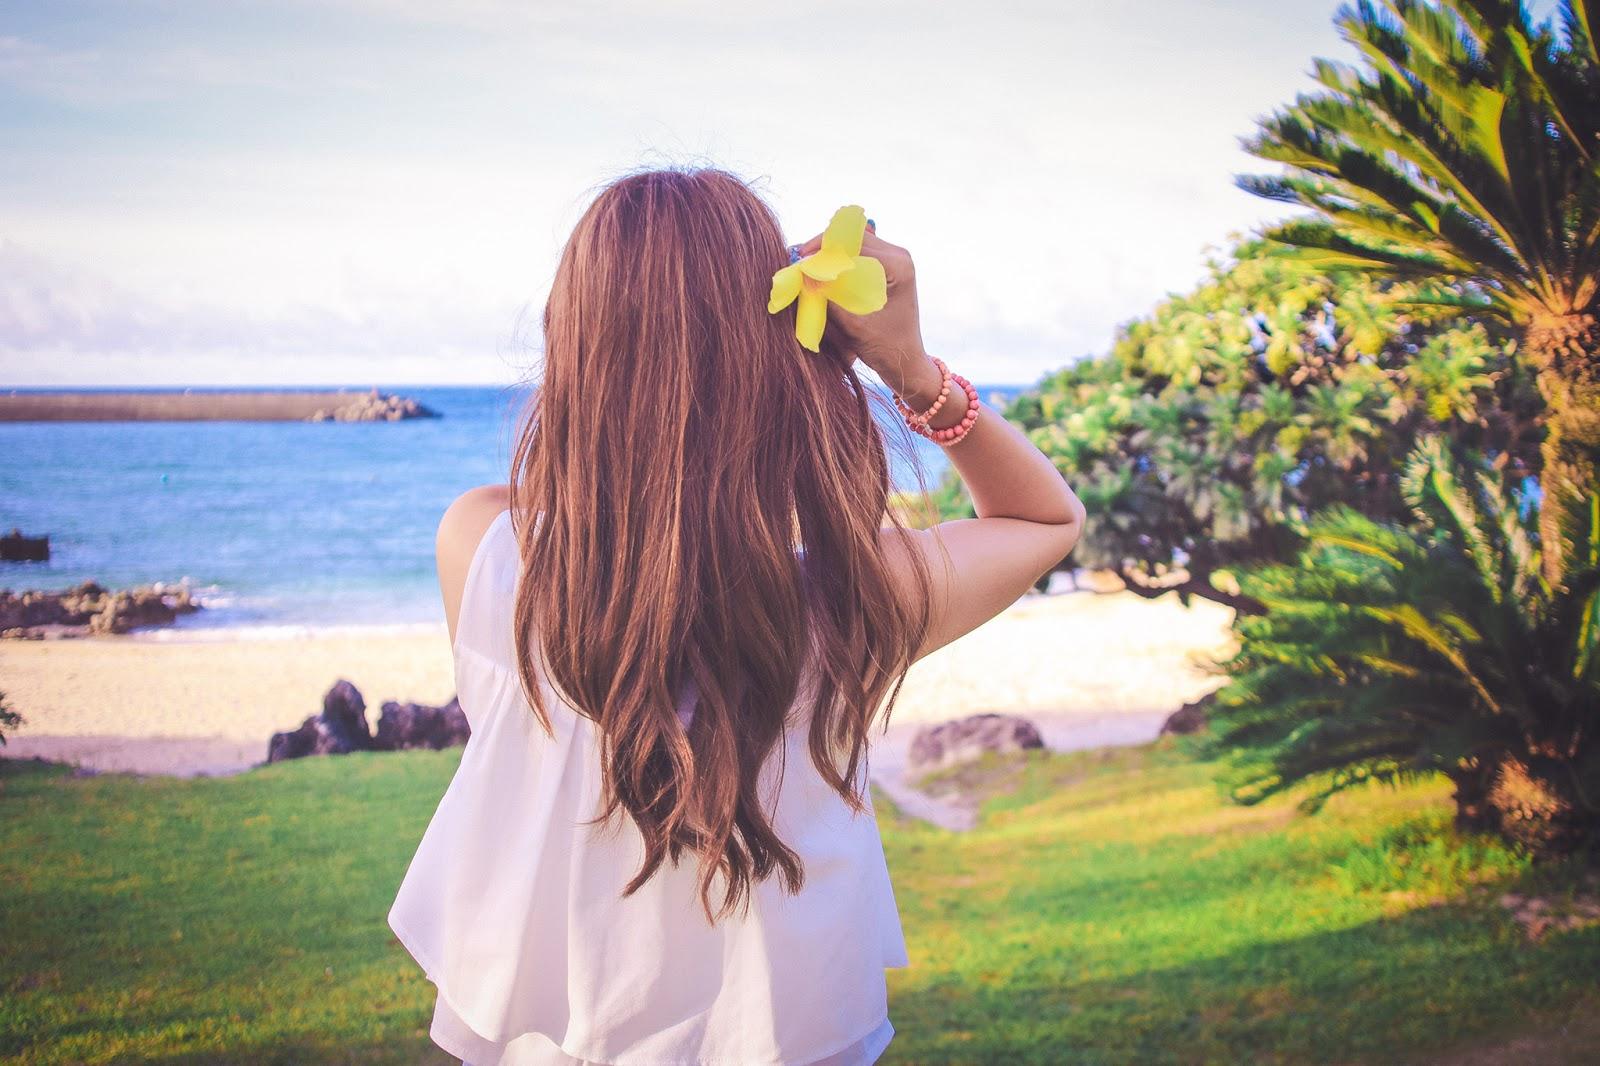 ワーケーションとは?普及するには?沖縄はワーケーションに最適!9